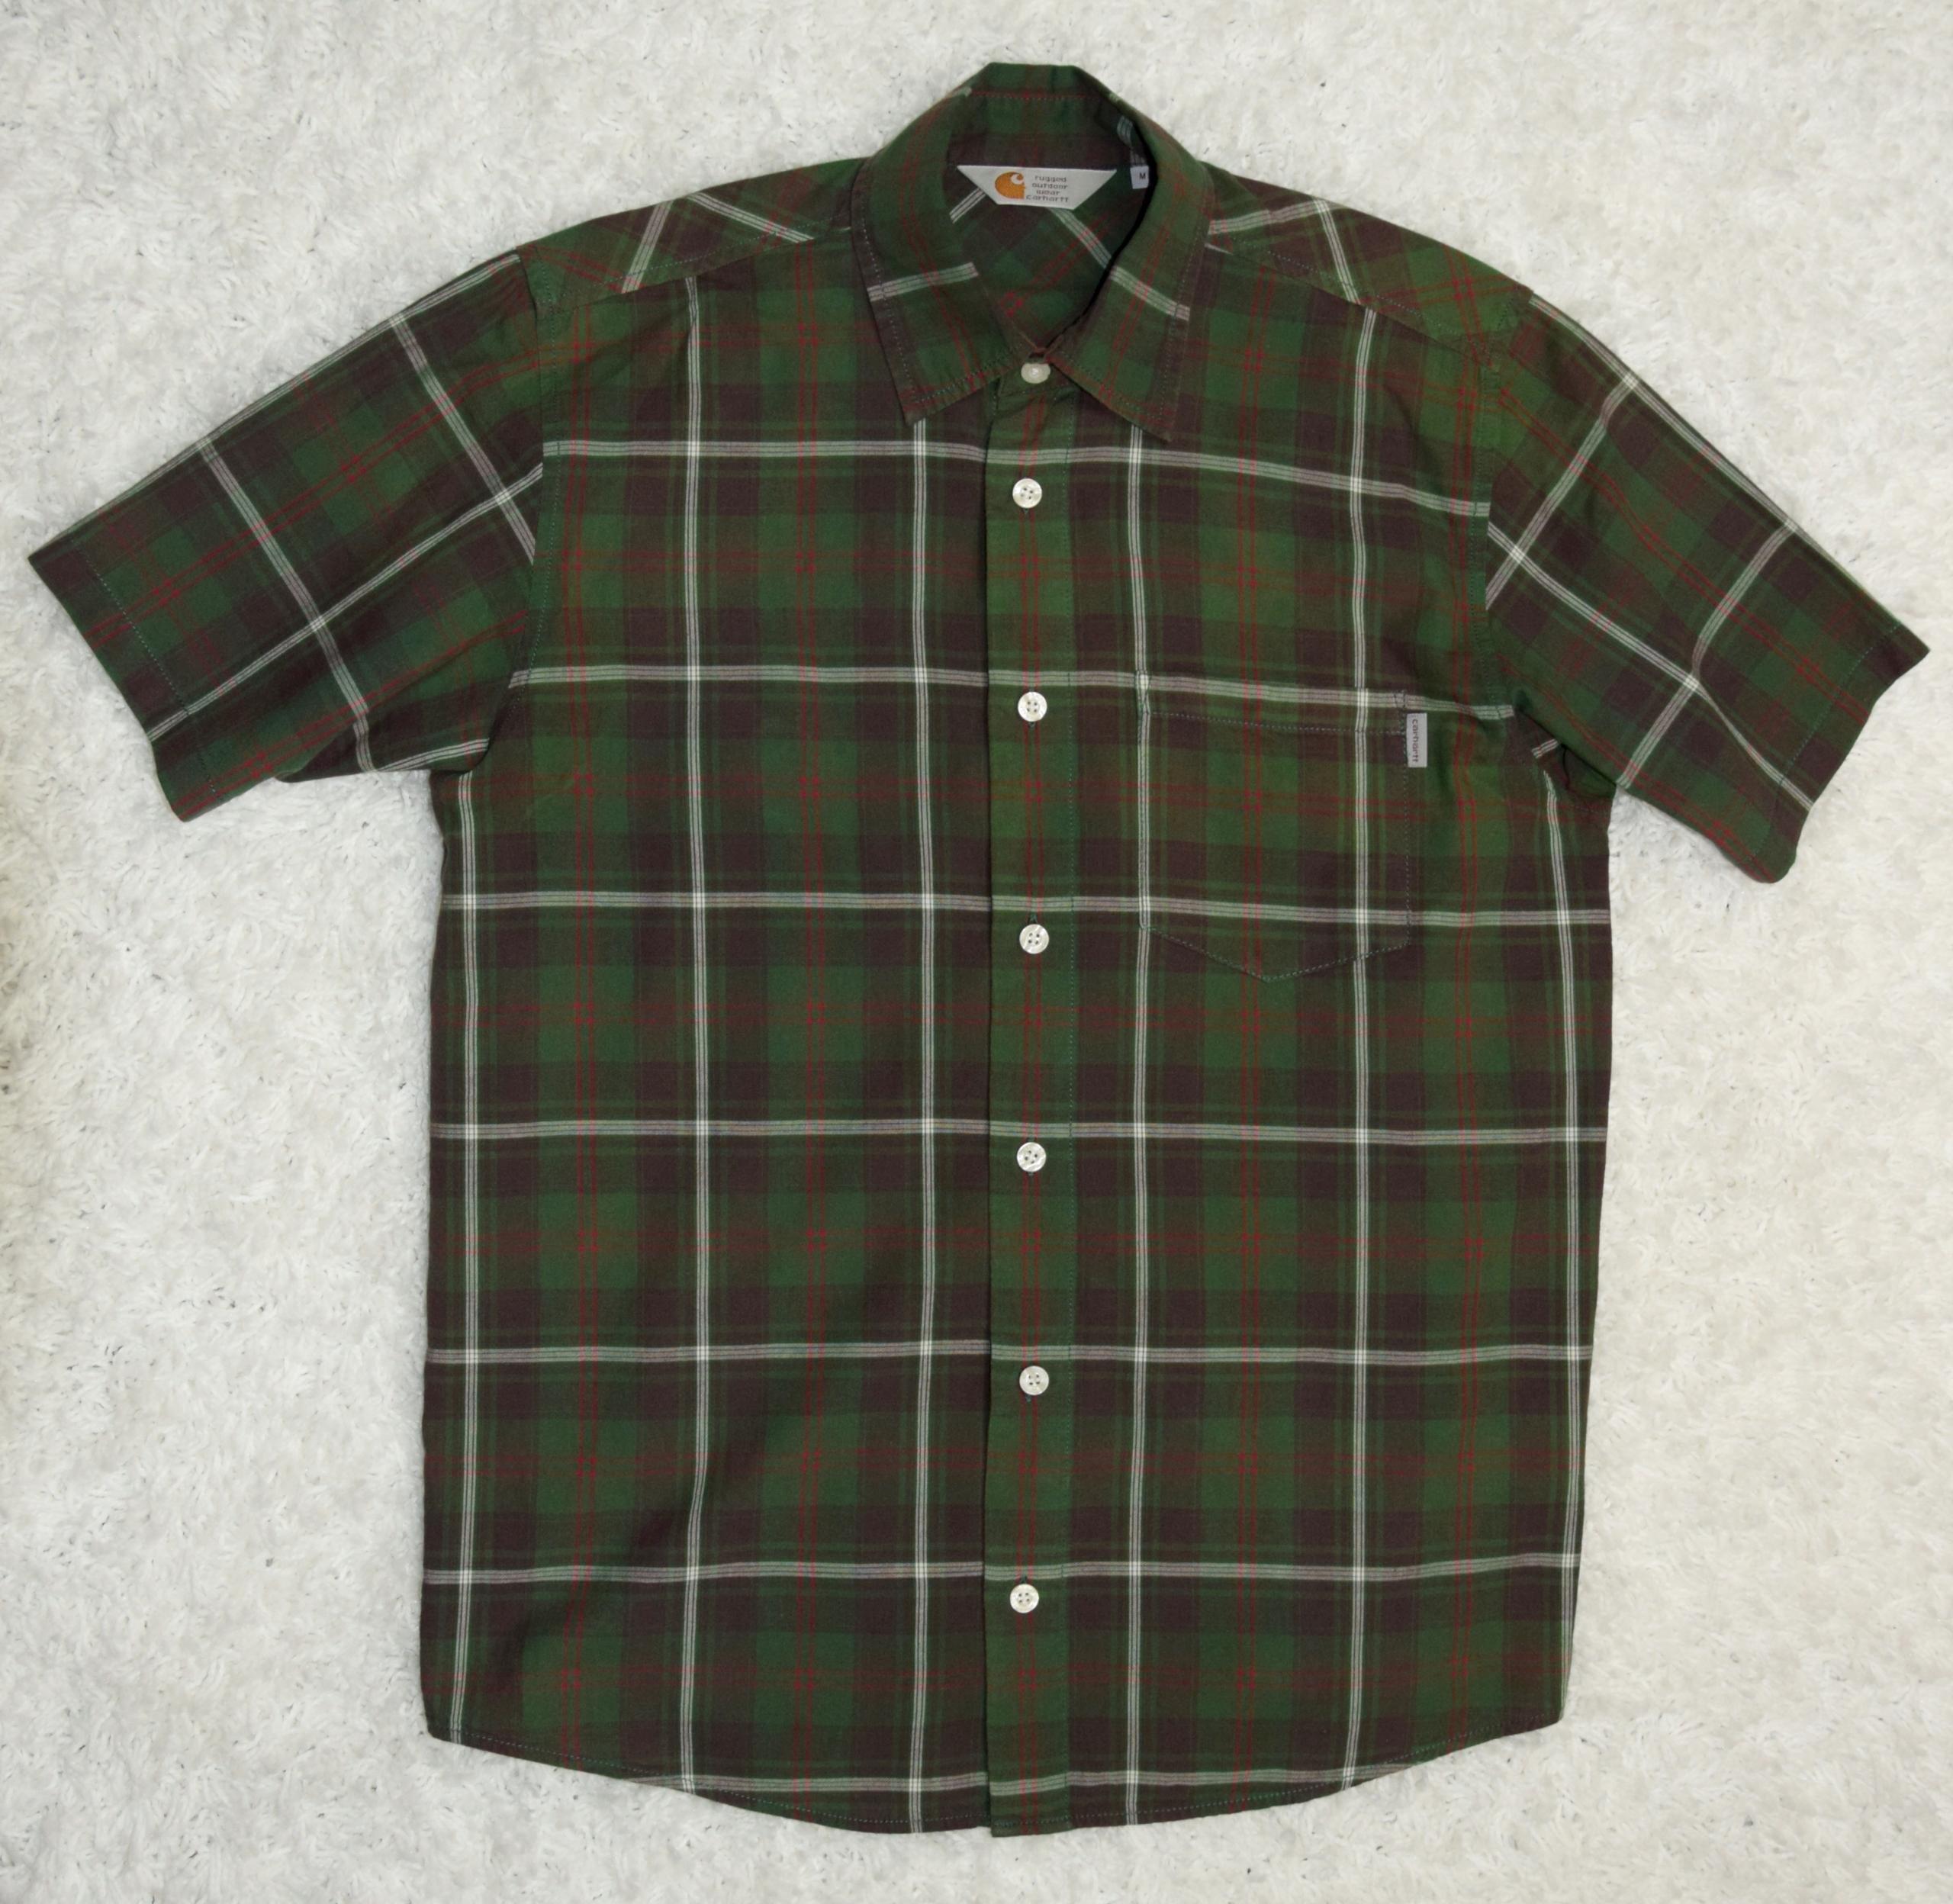 CARHARTT koszula męska - M / L kratka